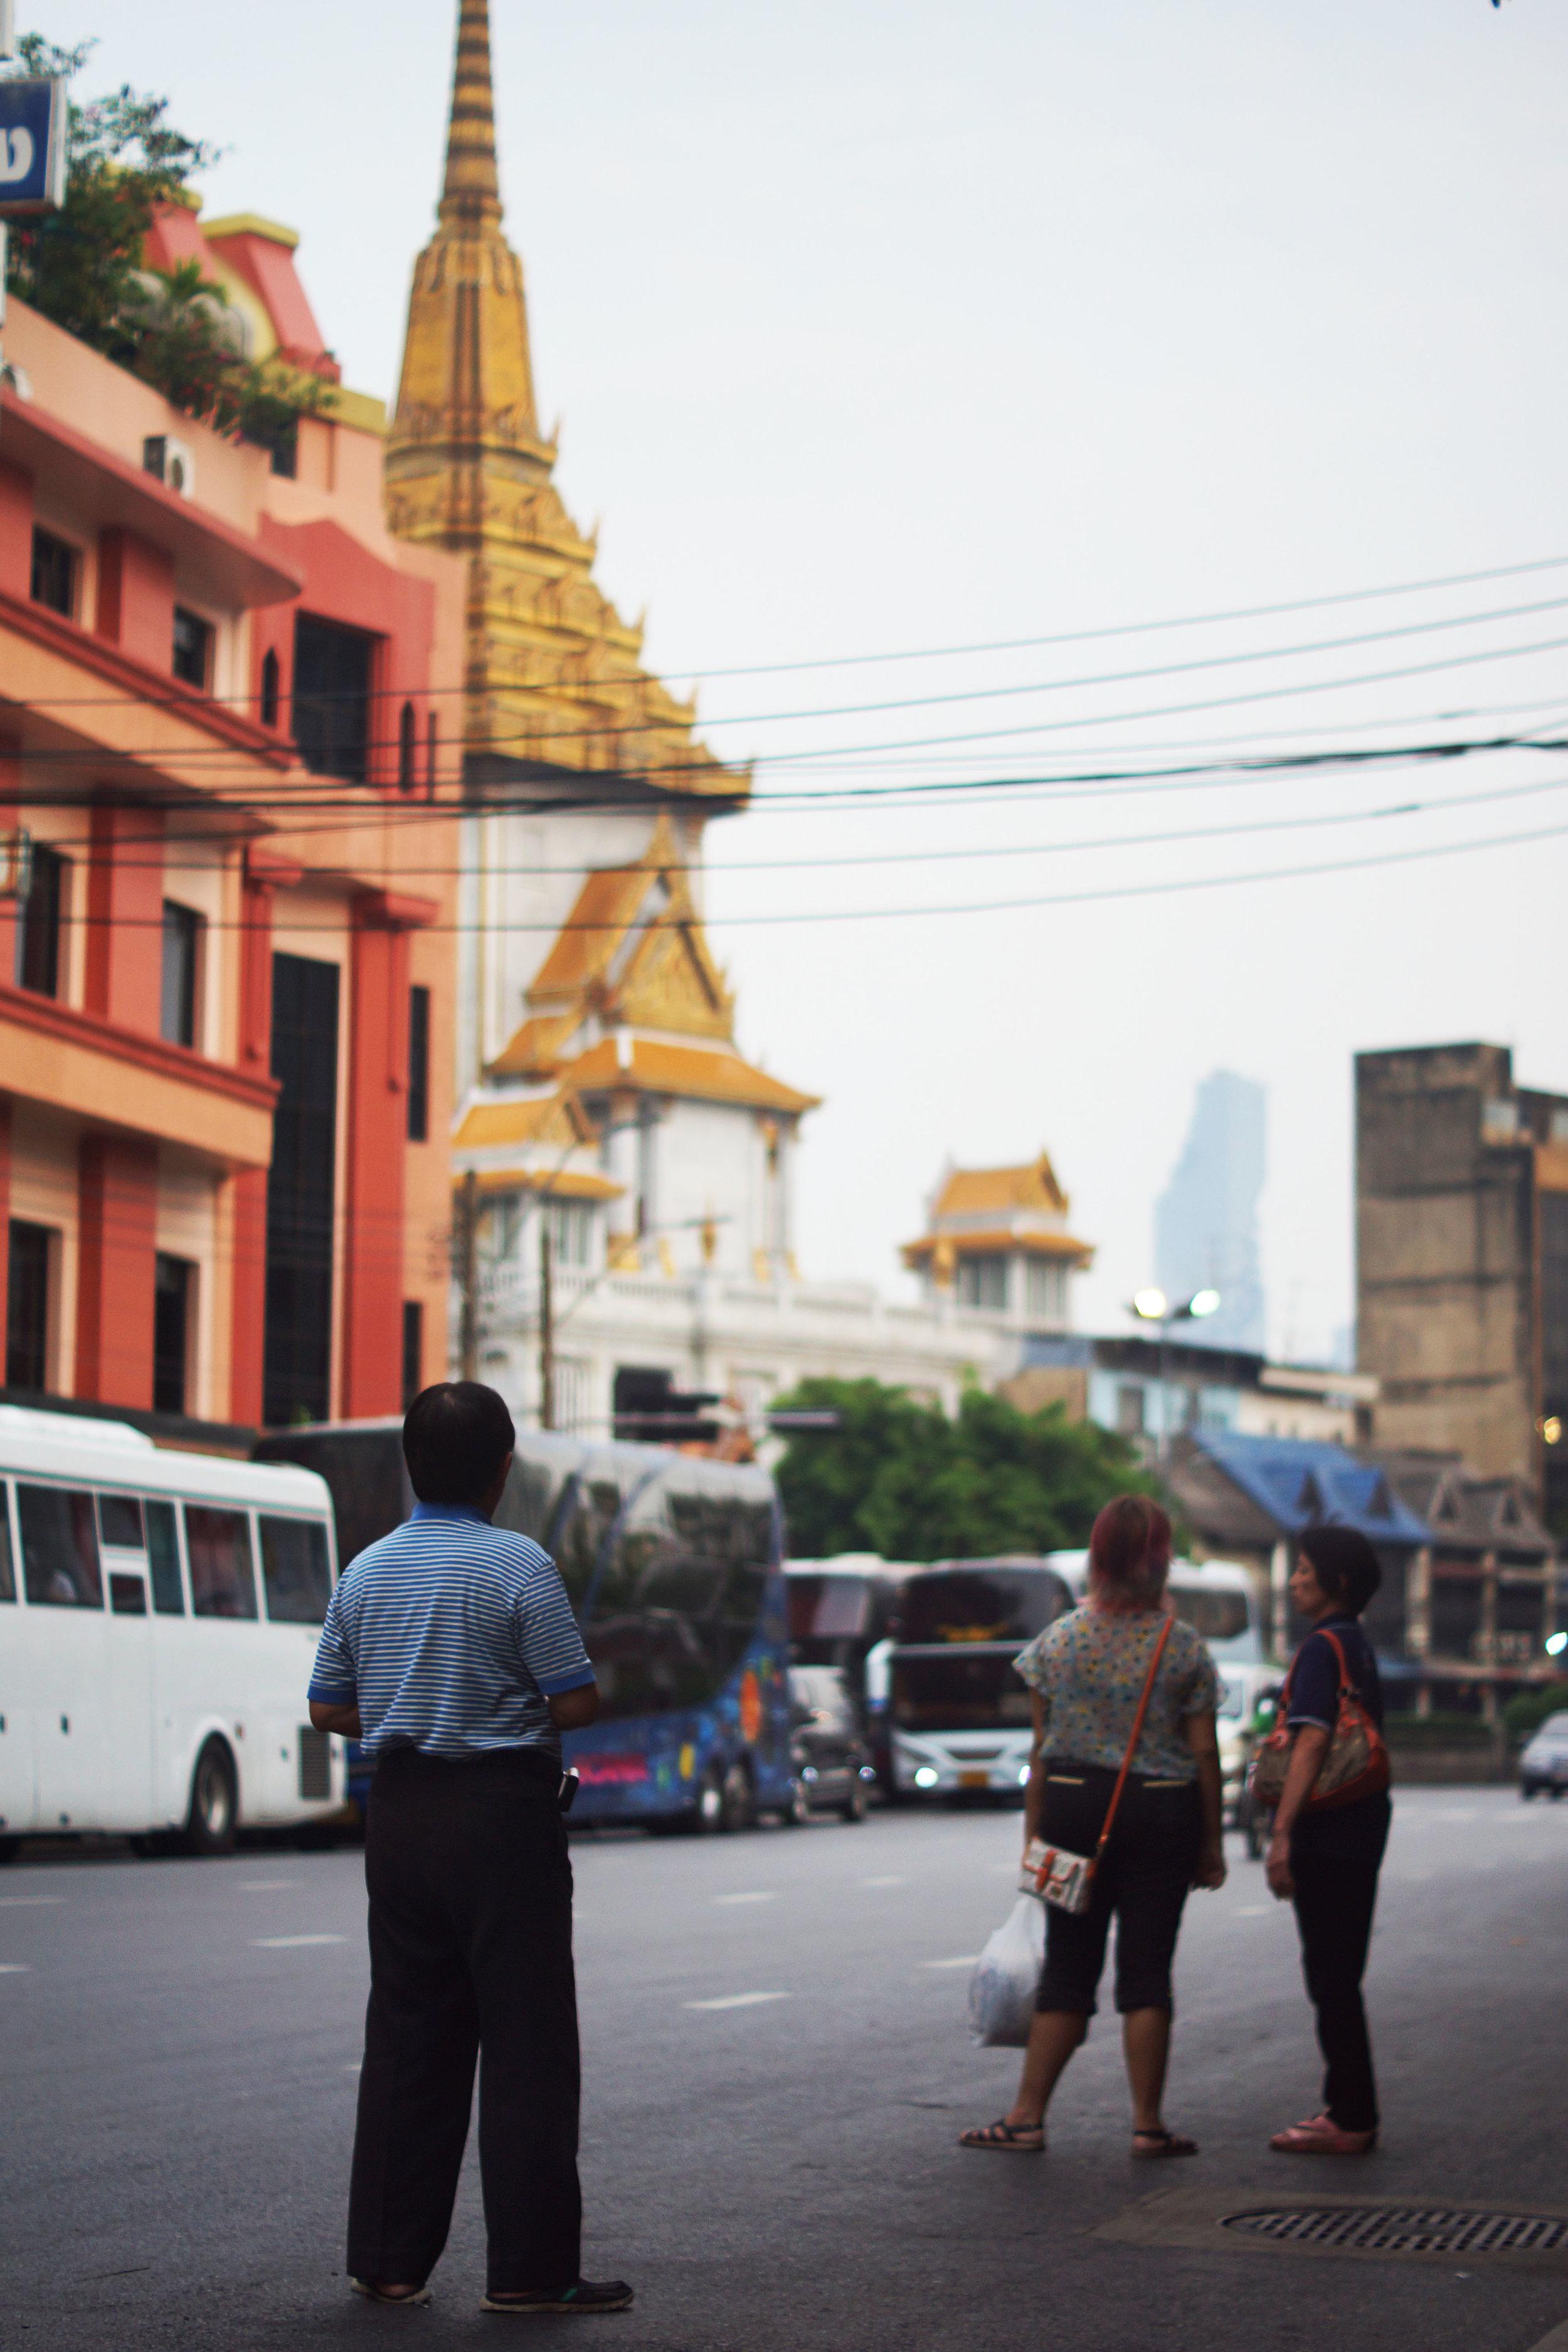 Waiting, waiting, waiting in Bangkok.